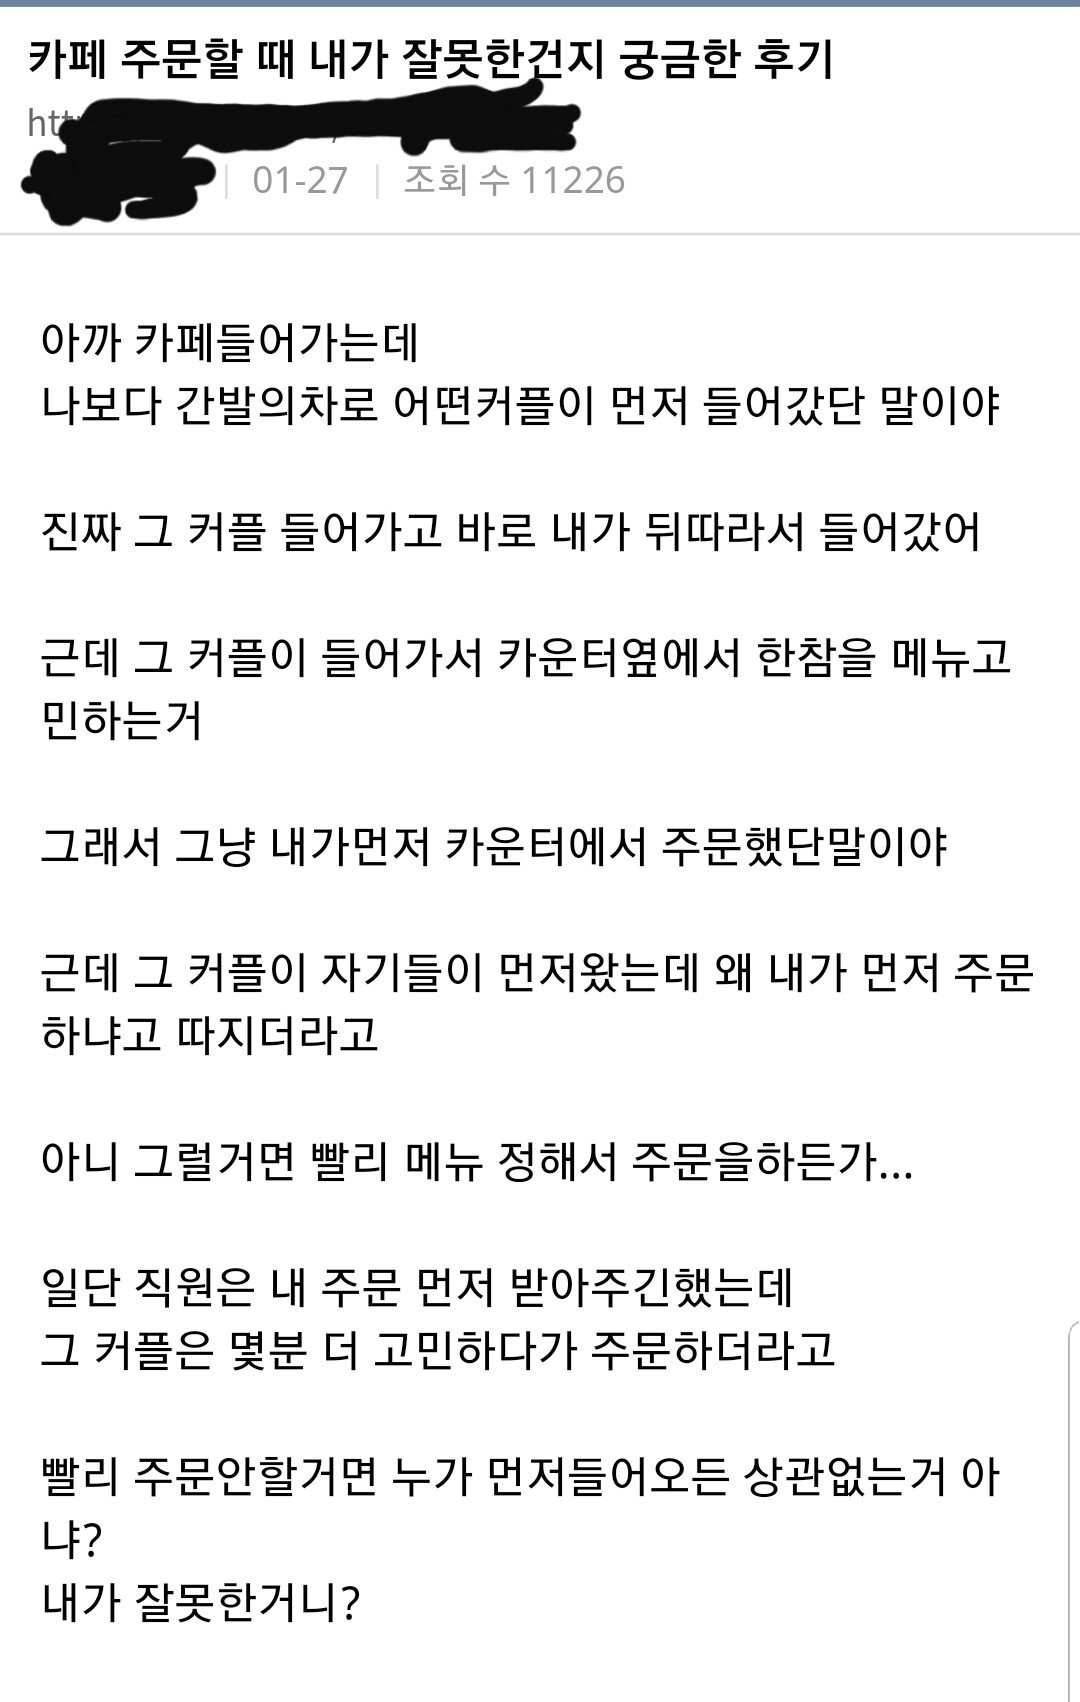 카페에서 주문하다가 커플한테 욕 먹은 네티즌.jpg